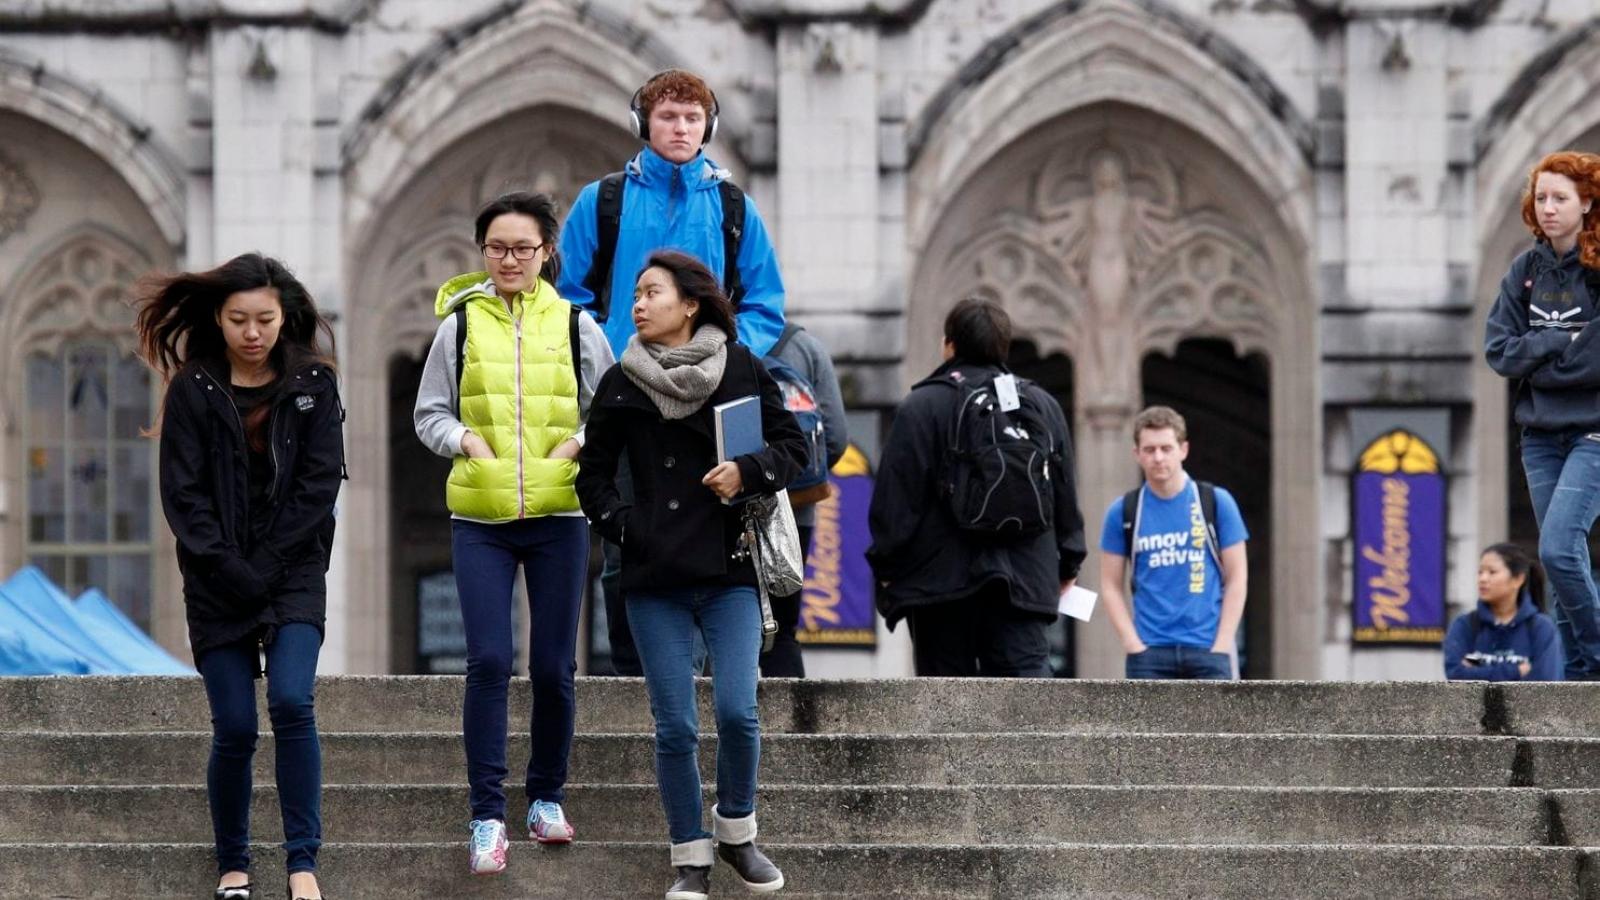 Hơn 1.000 du học sinh Trung Quốc định kiện Chính phủ Mỹ vì bị hạn chế visa